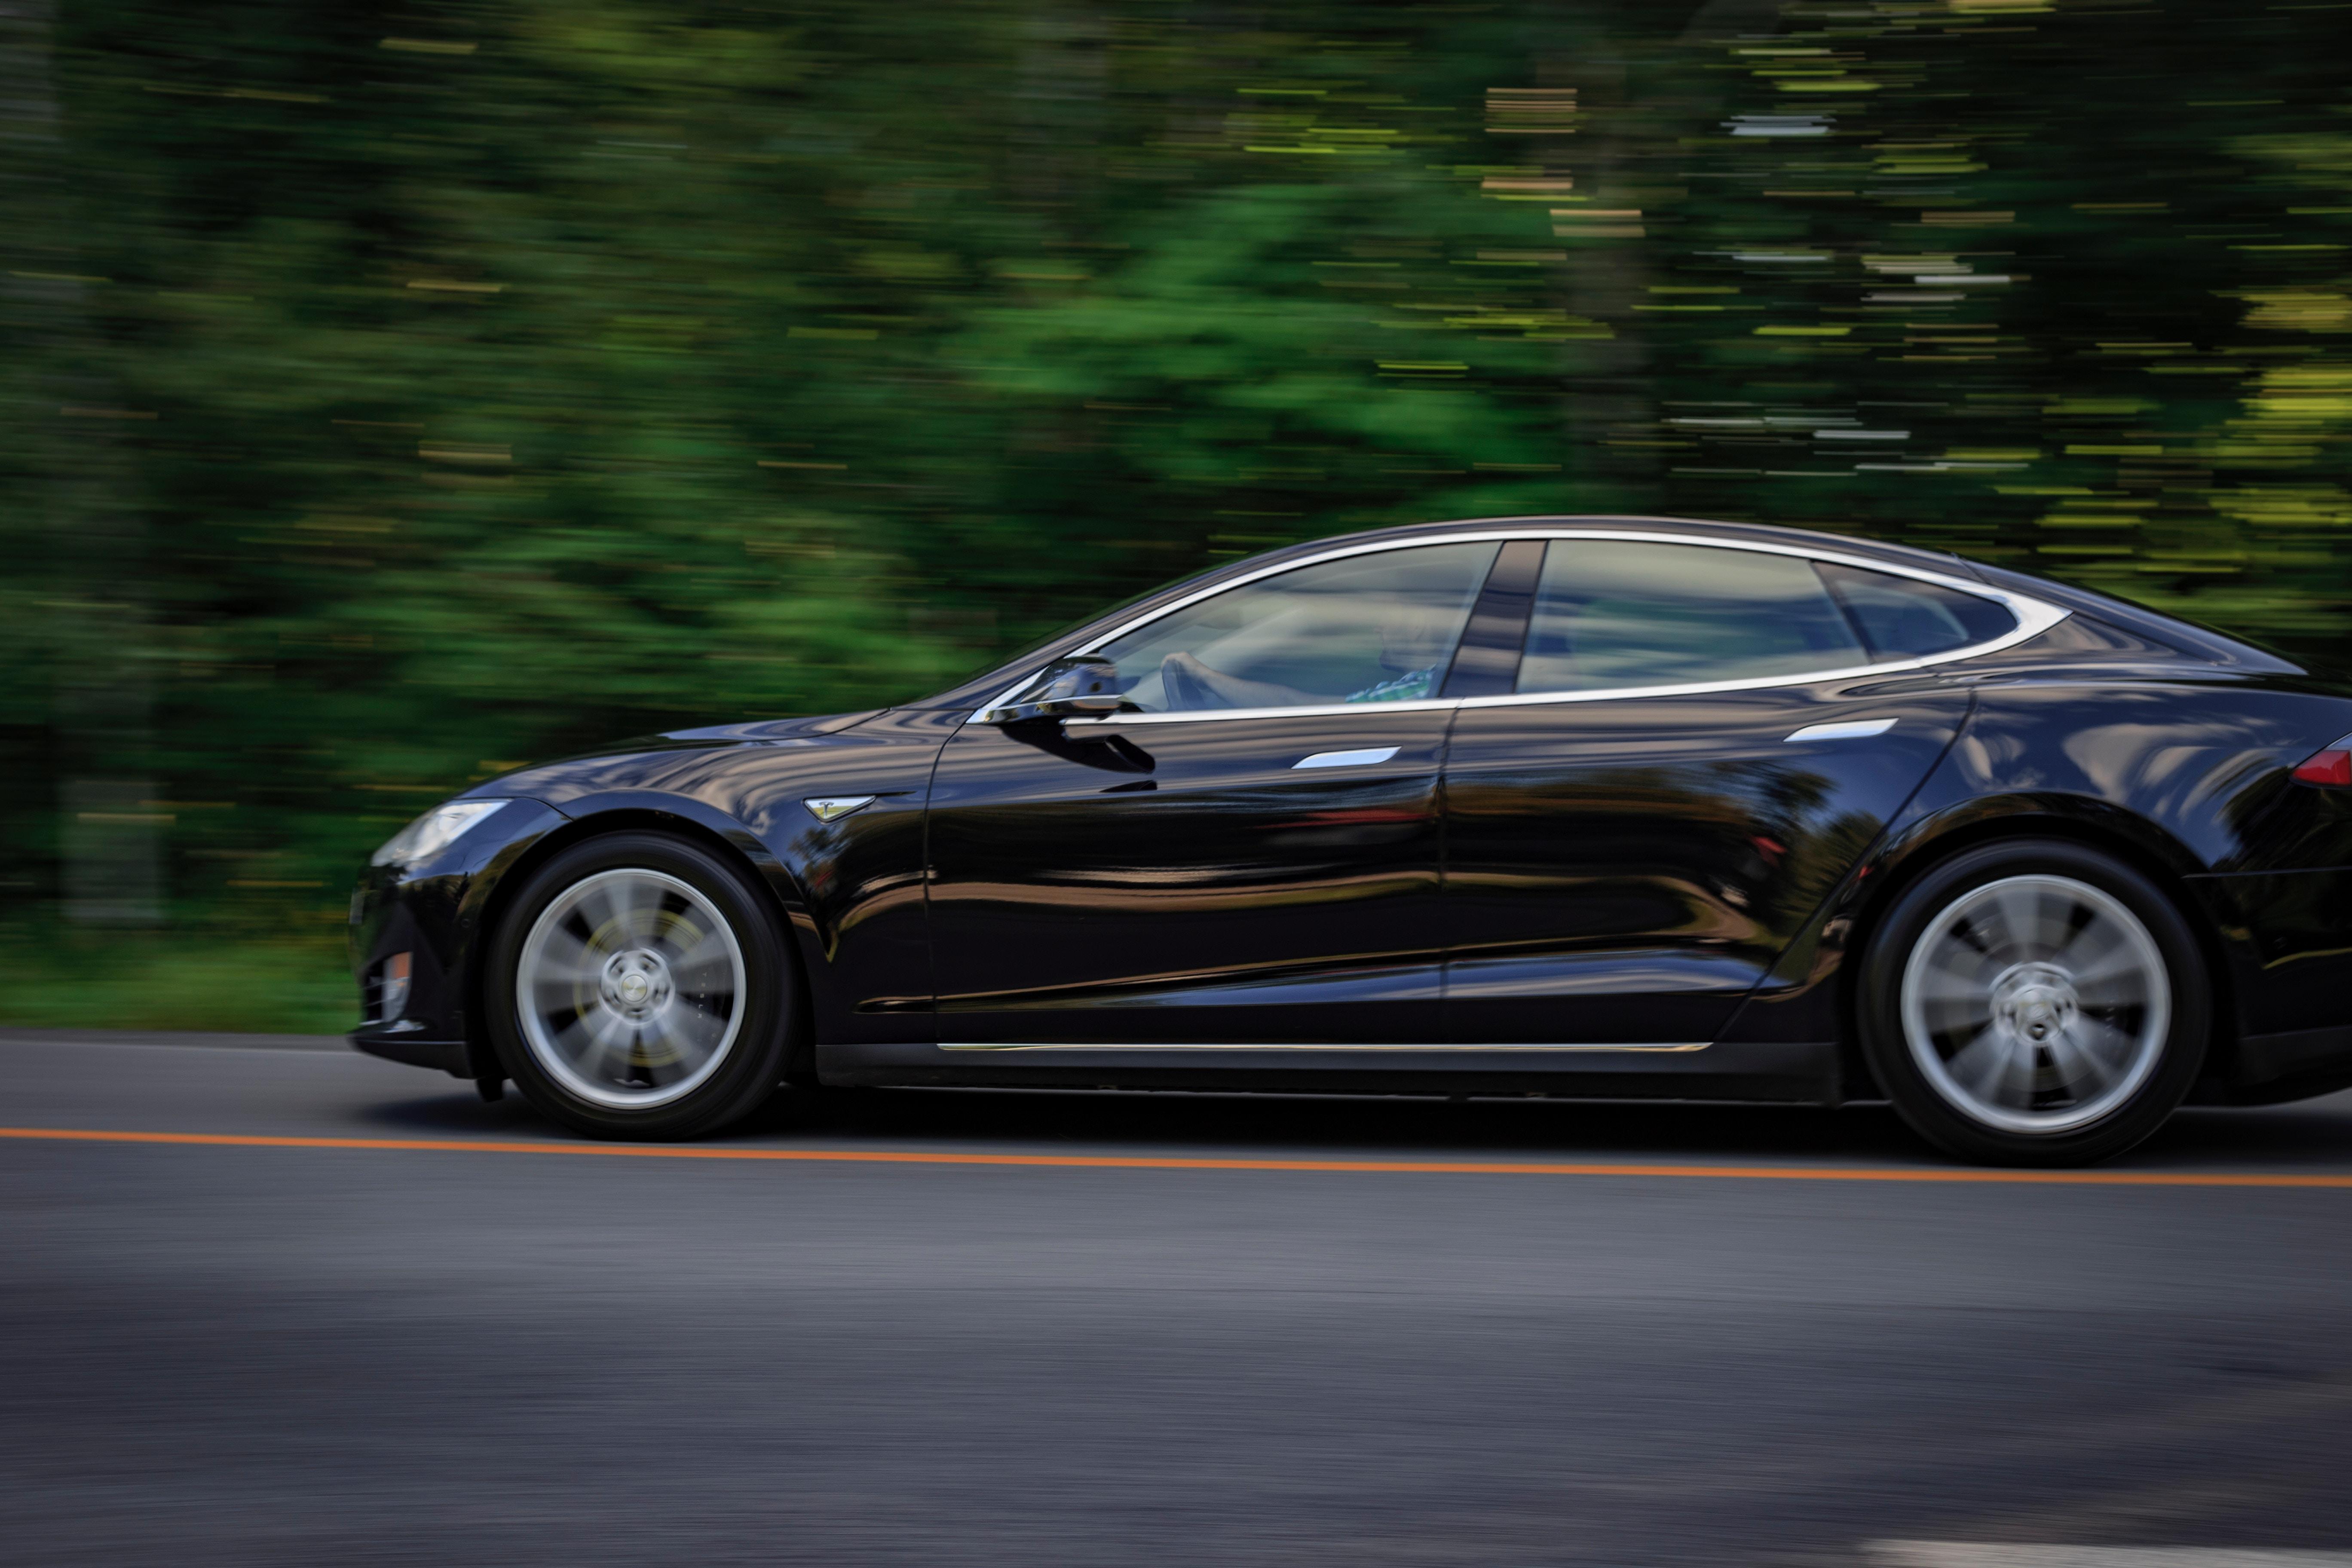 A Tesla Model 3 az autóeladások TOP5-jében